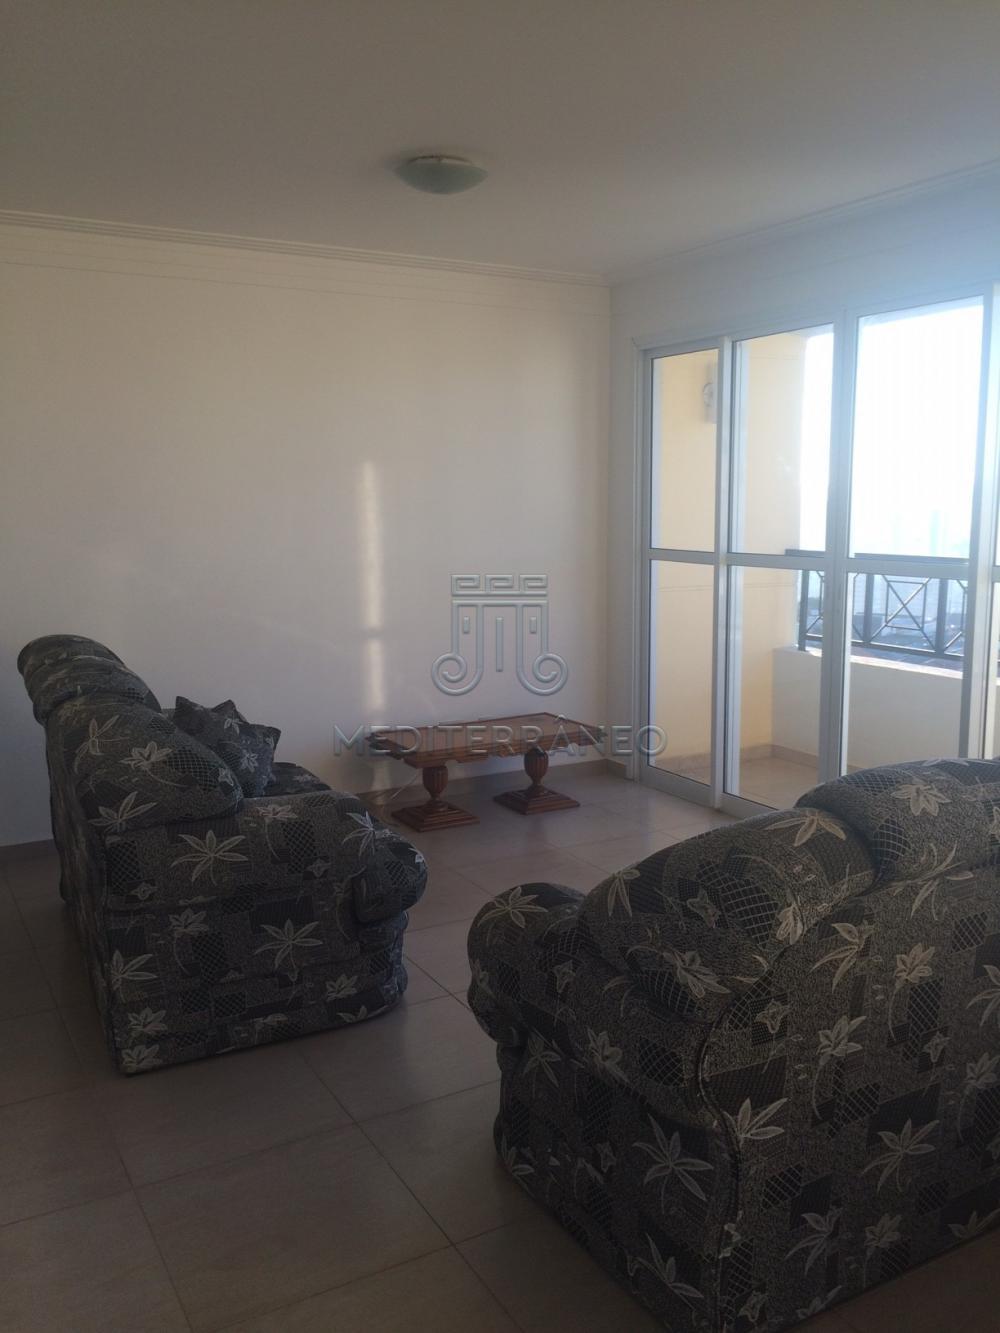 Alugar Apartamento / Padrão em Jundiaí apenas R$ 3.200,00 - Foto 13